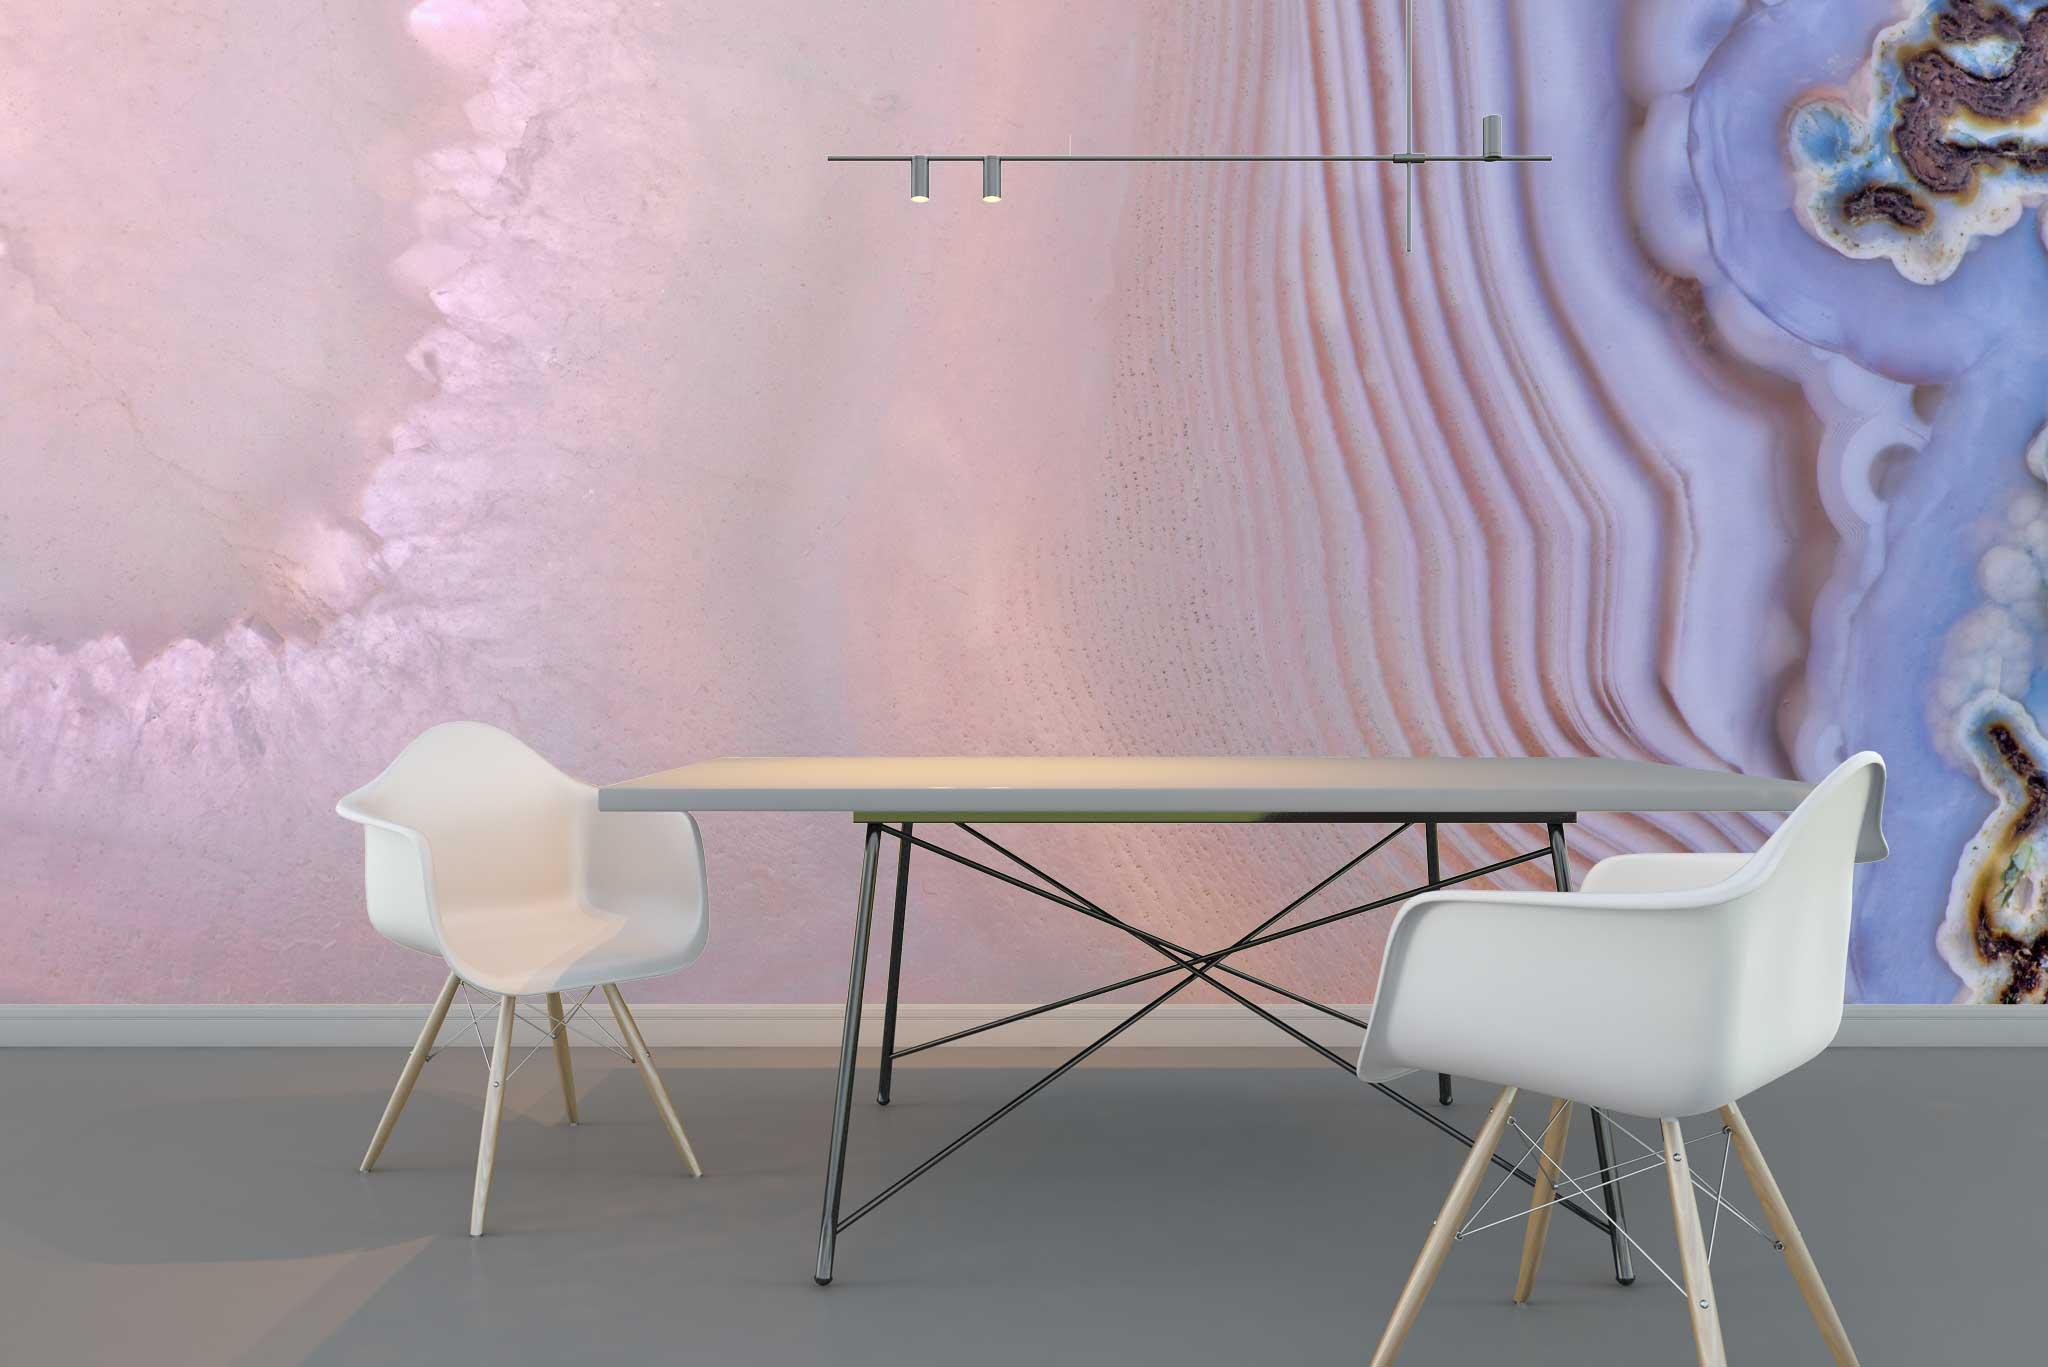 tapet-fototapet-comanda-personalizat-bucuresti-perete-special-lux-model-mineral-piatra-roz